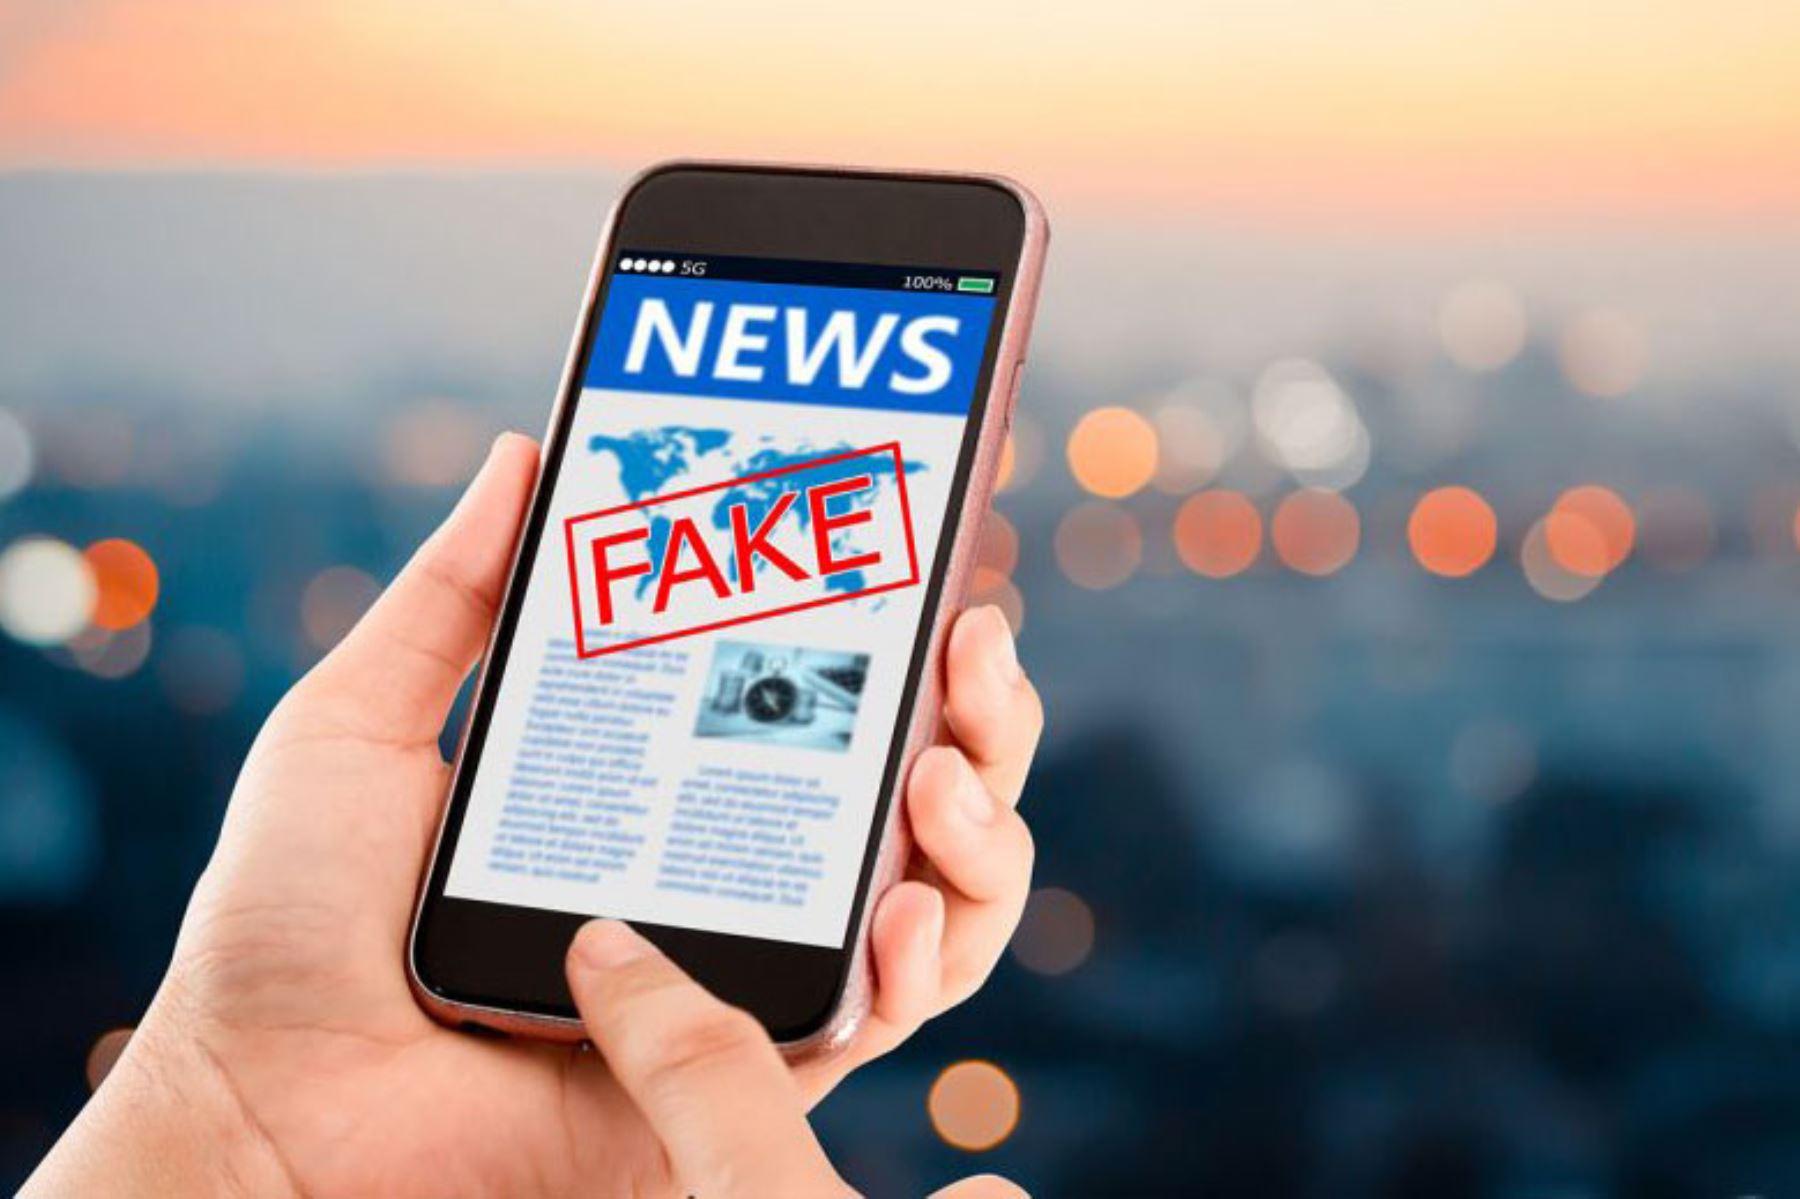 Las redes sociales permiten que los usuarios sean productores y consumidores a la vez, lo cual facilita la difusión y circulación de contenidos engañosos. ANDINA/ Internet